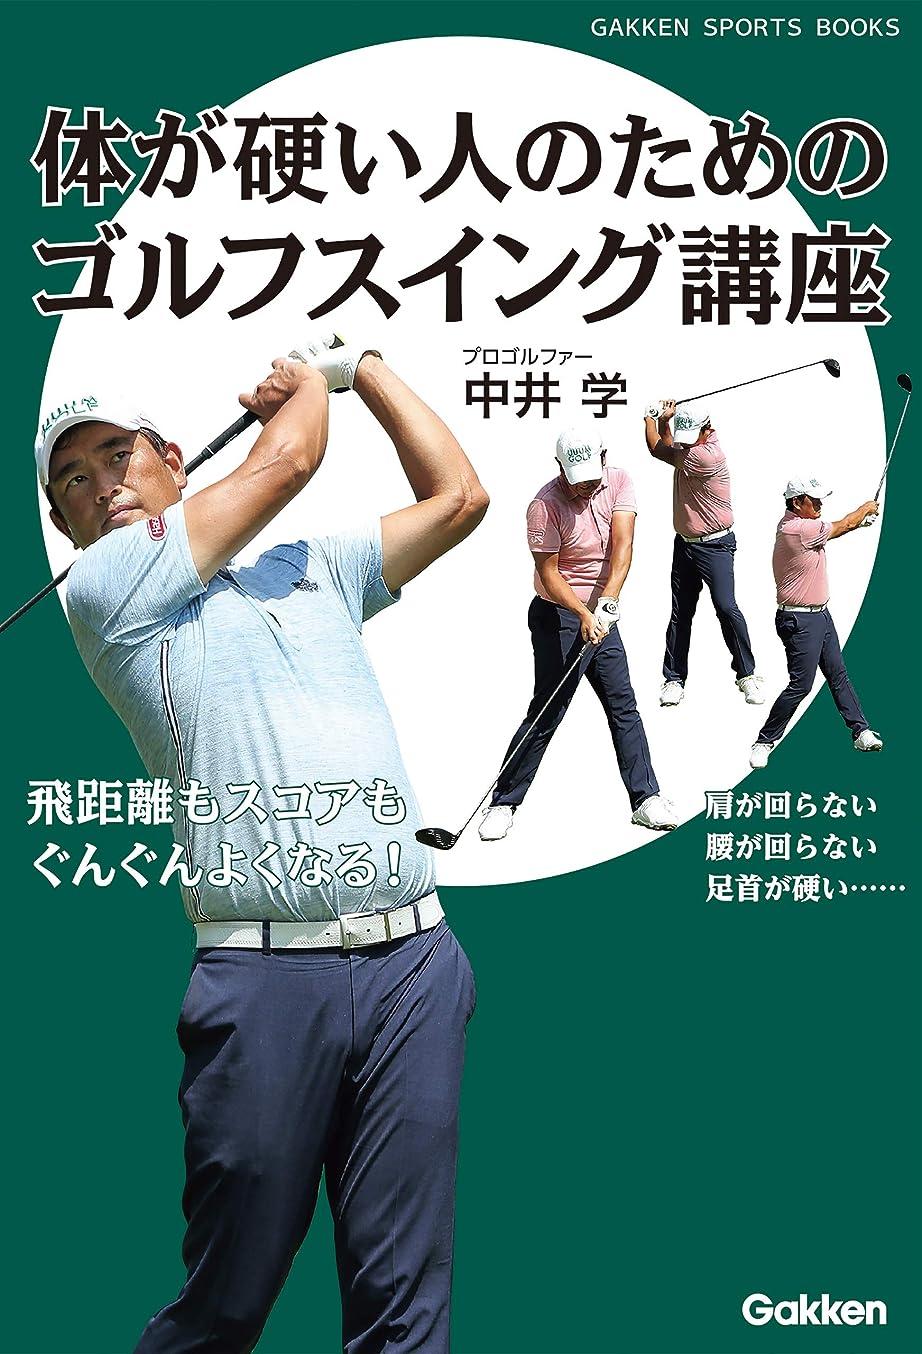 あからさま聴衆人工的な体が硬い人のためのゴルフスイング講座 飛距離もスコアもぐんぐんよくなる! (学研スポーツブックス)